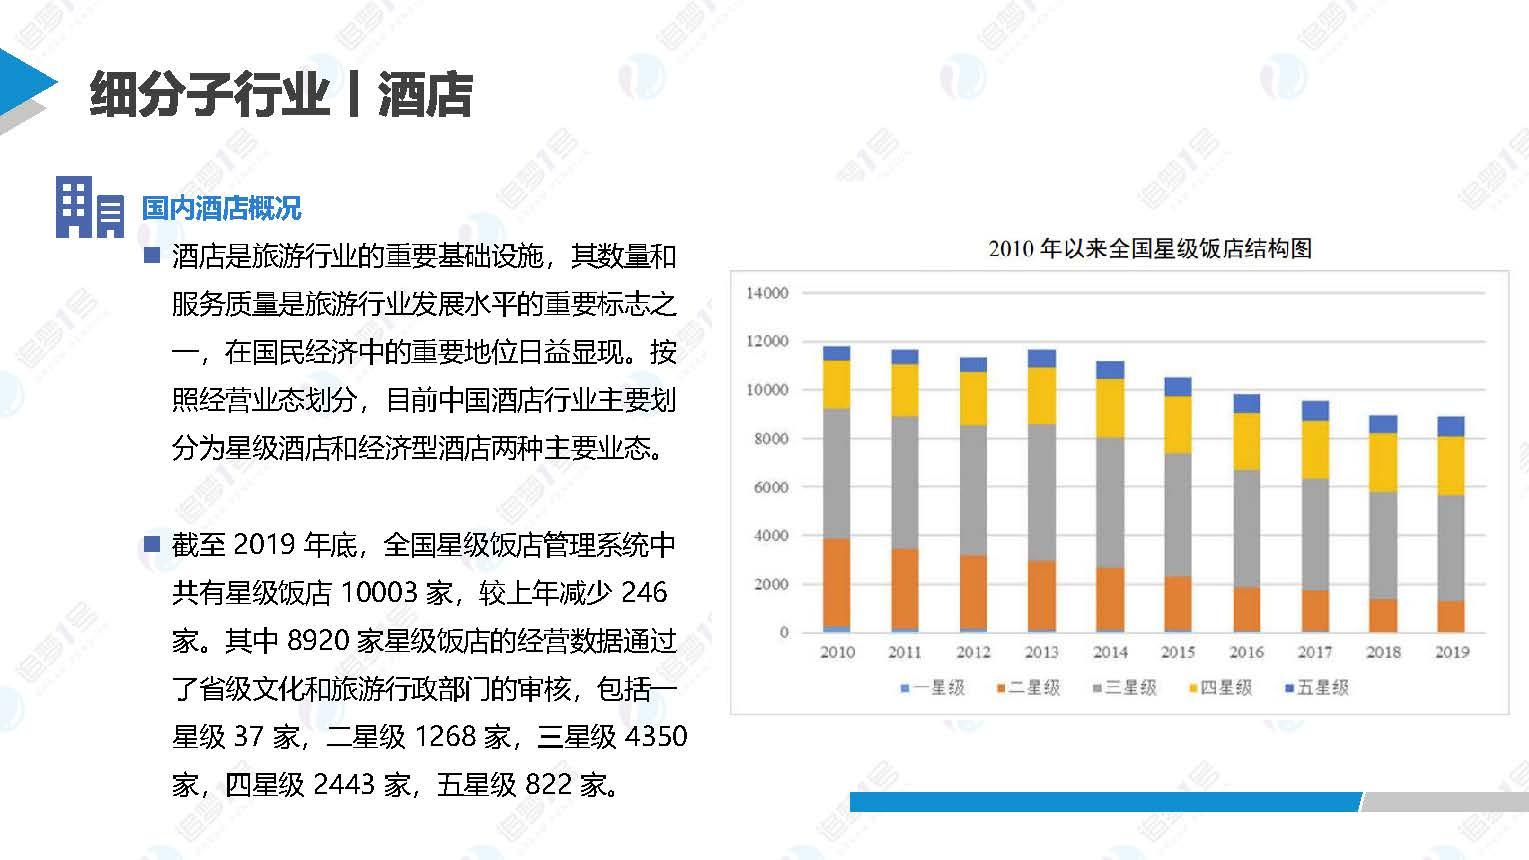 中国旅游行业研究 _页面_21.jpg